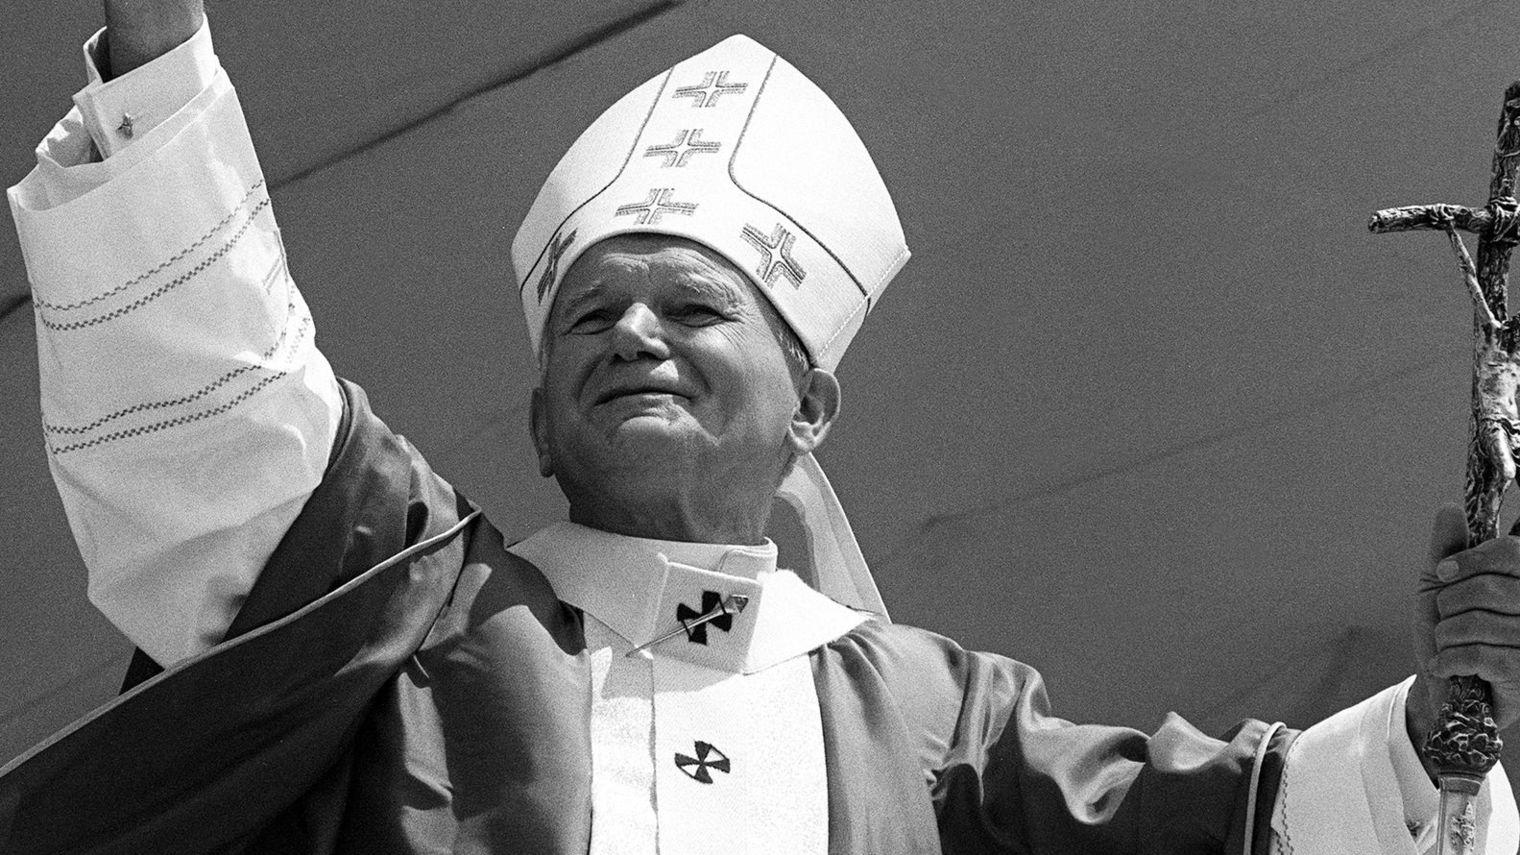 le-pape-jean-paul-ii-salue-la-foule-a-son-arrivee-a-lubumbashi-le-16-aout-1986-lors-de-la-derniere-etape-d-une-visite-au-zaire_4884251